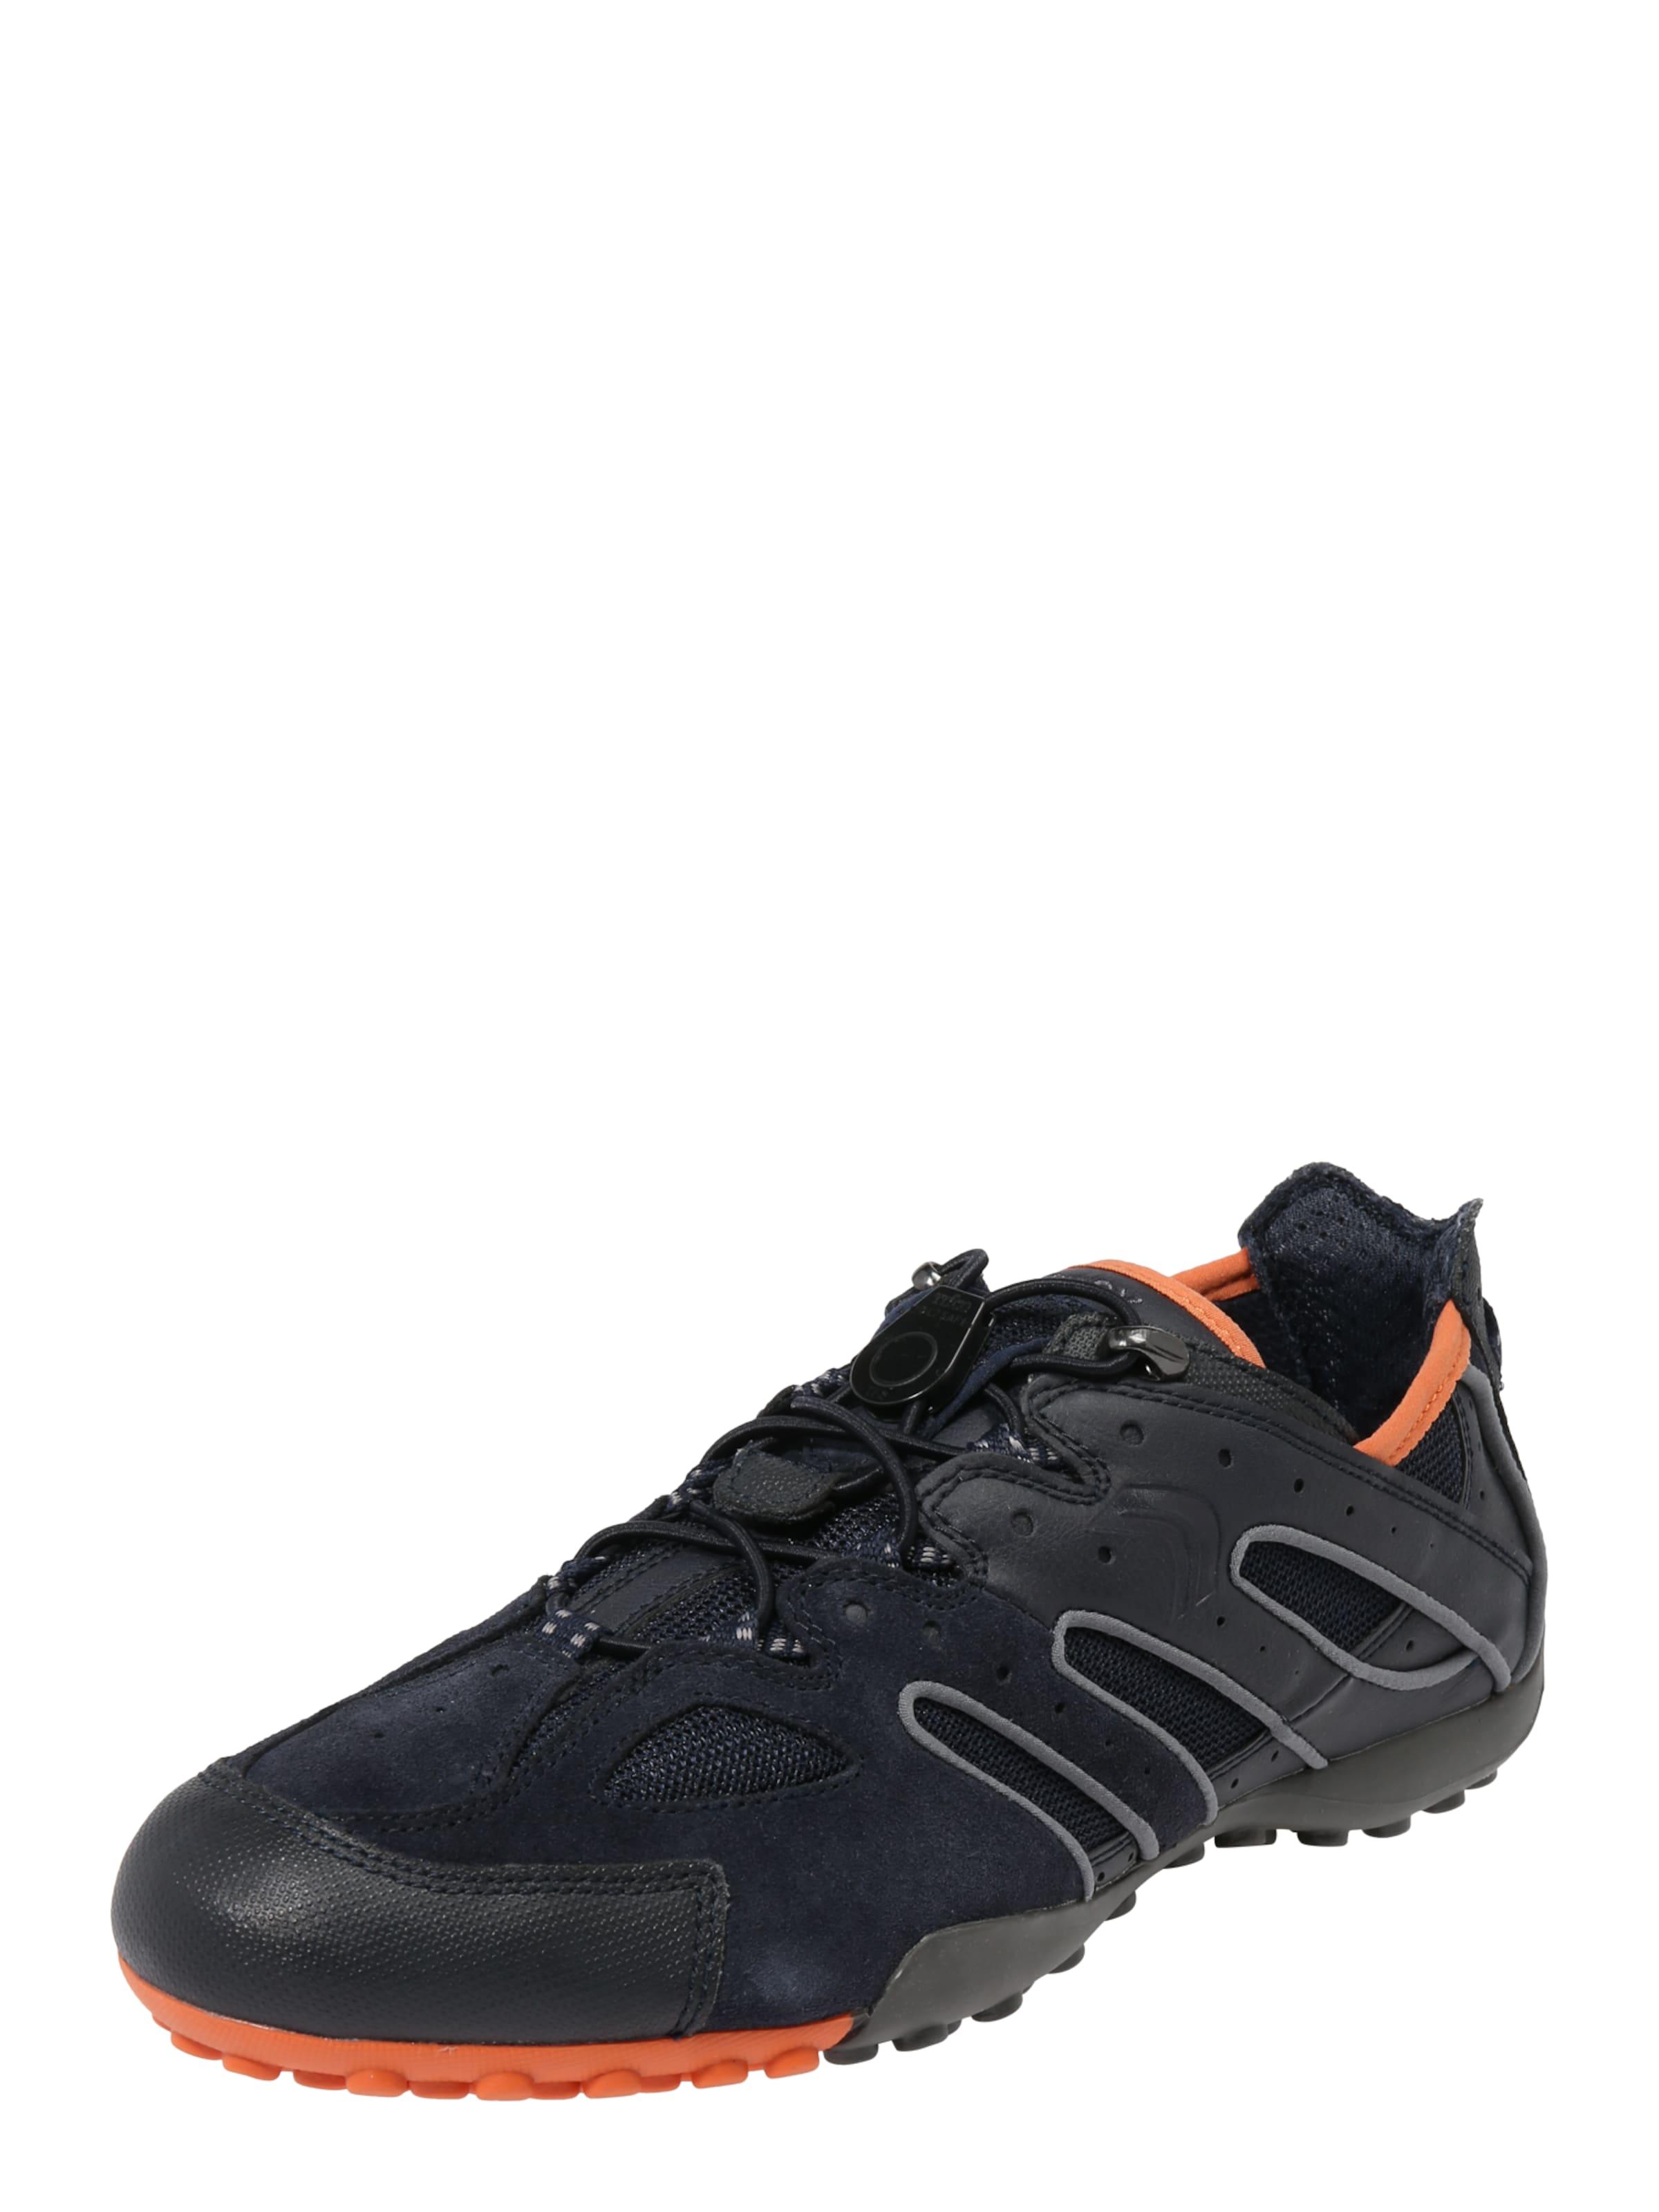 Sneaker 'uomo Snake' DunkelorangeSchwarz In Geox fgy76bY